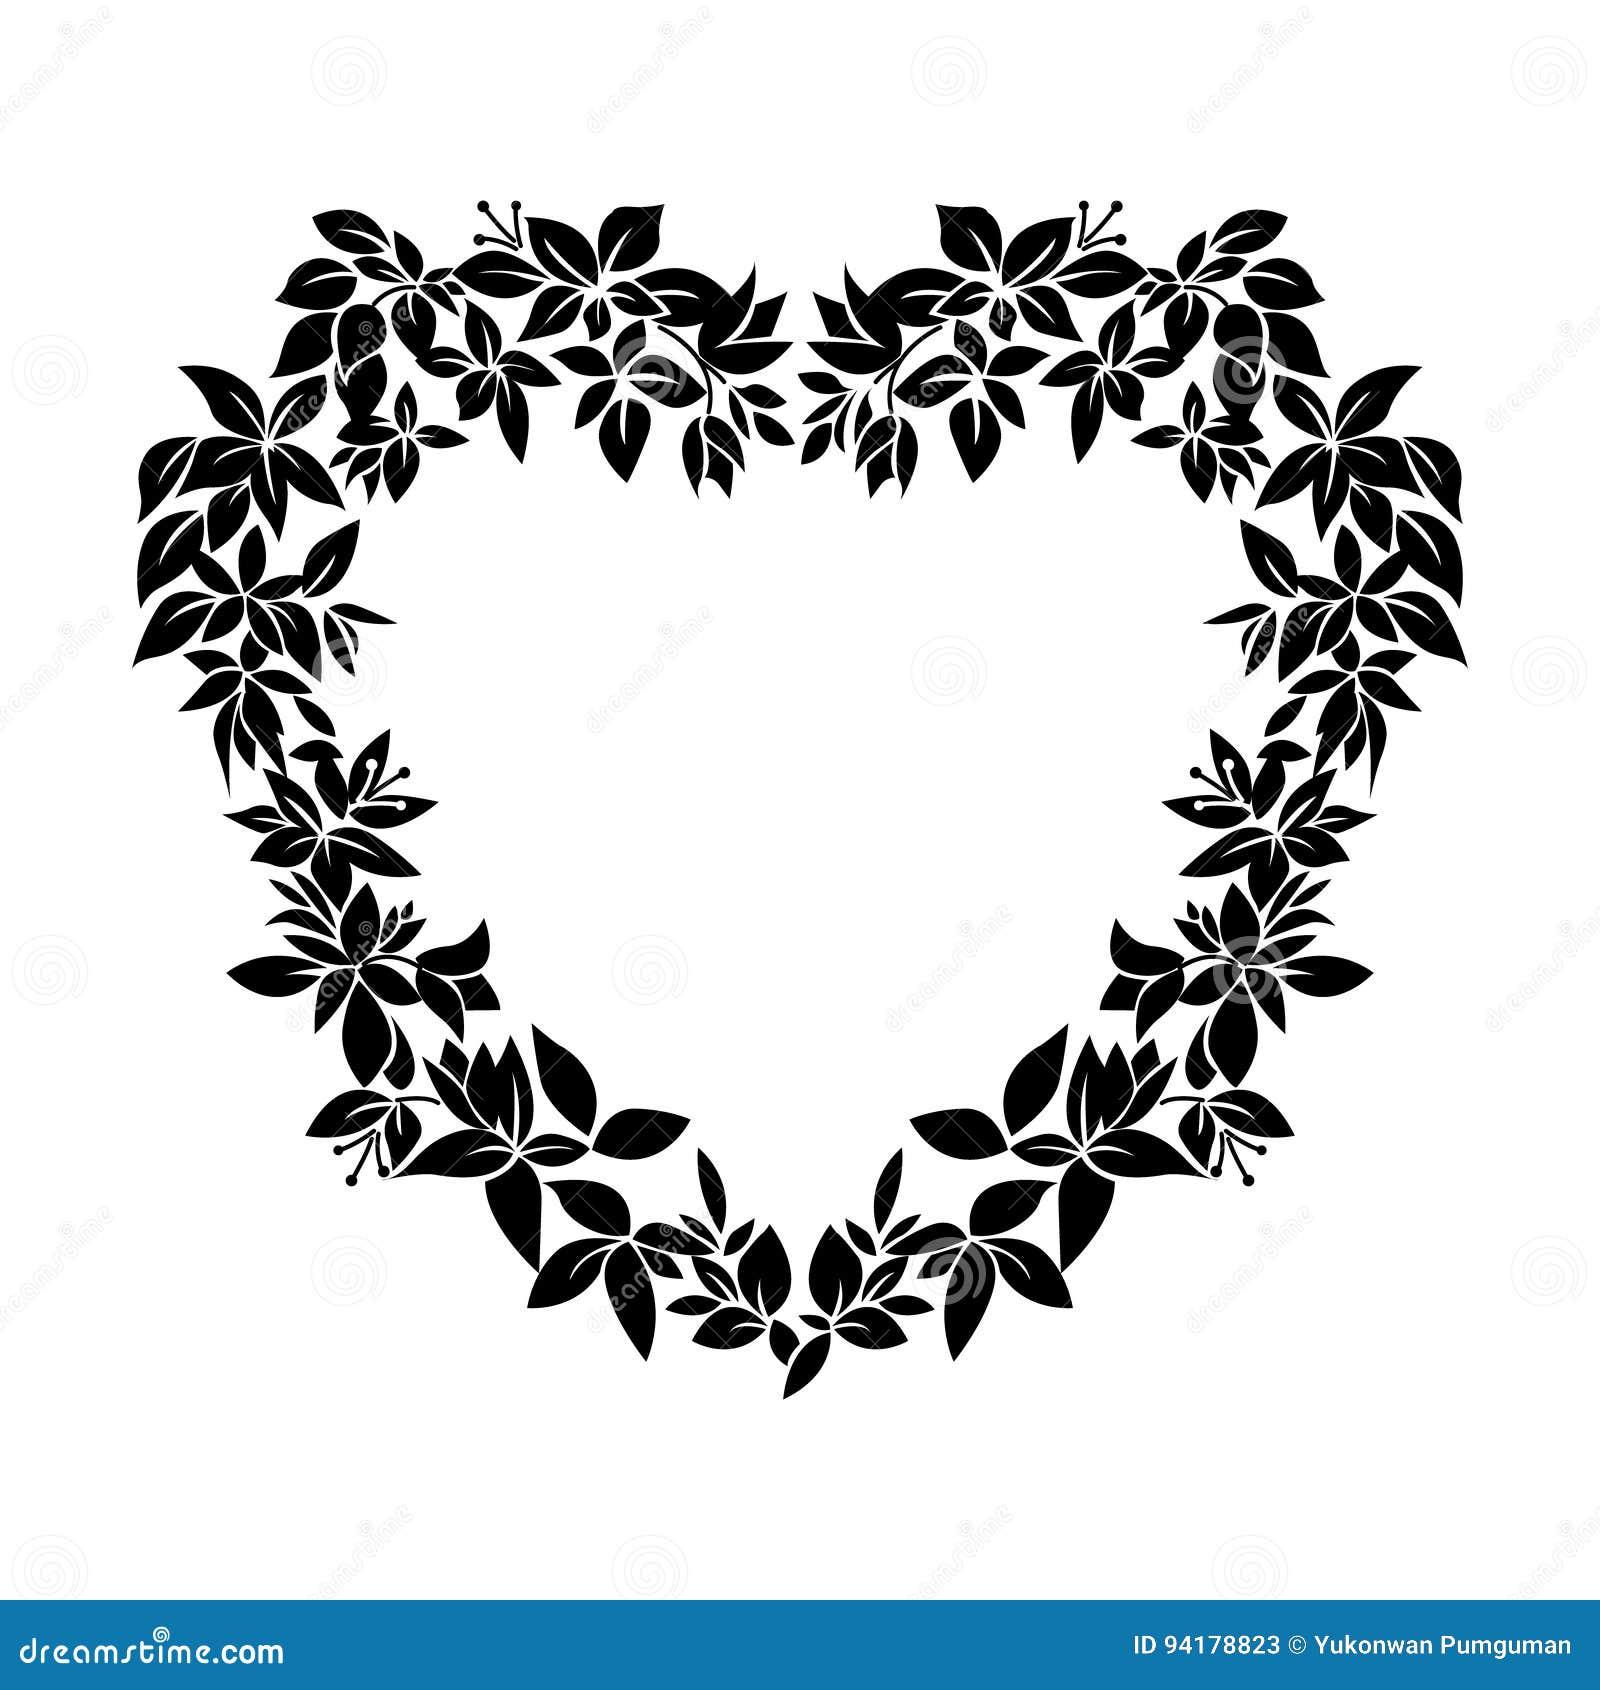 Black Flower Heart Shape Illustration Tattoo On White Backgroun